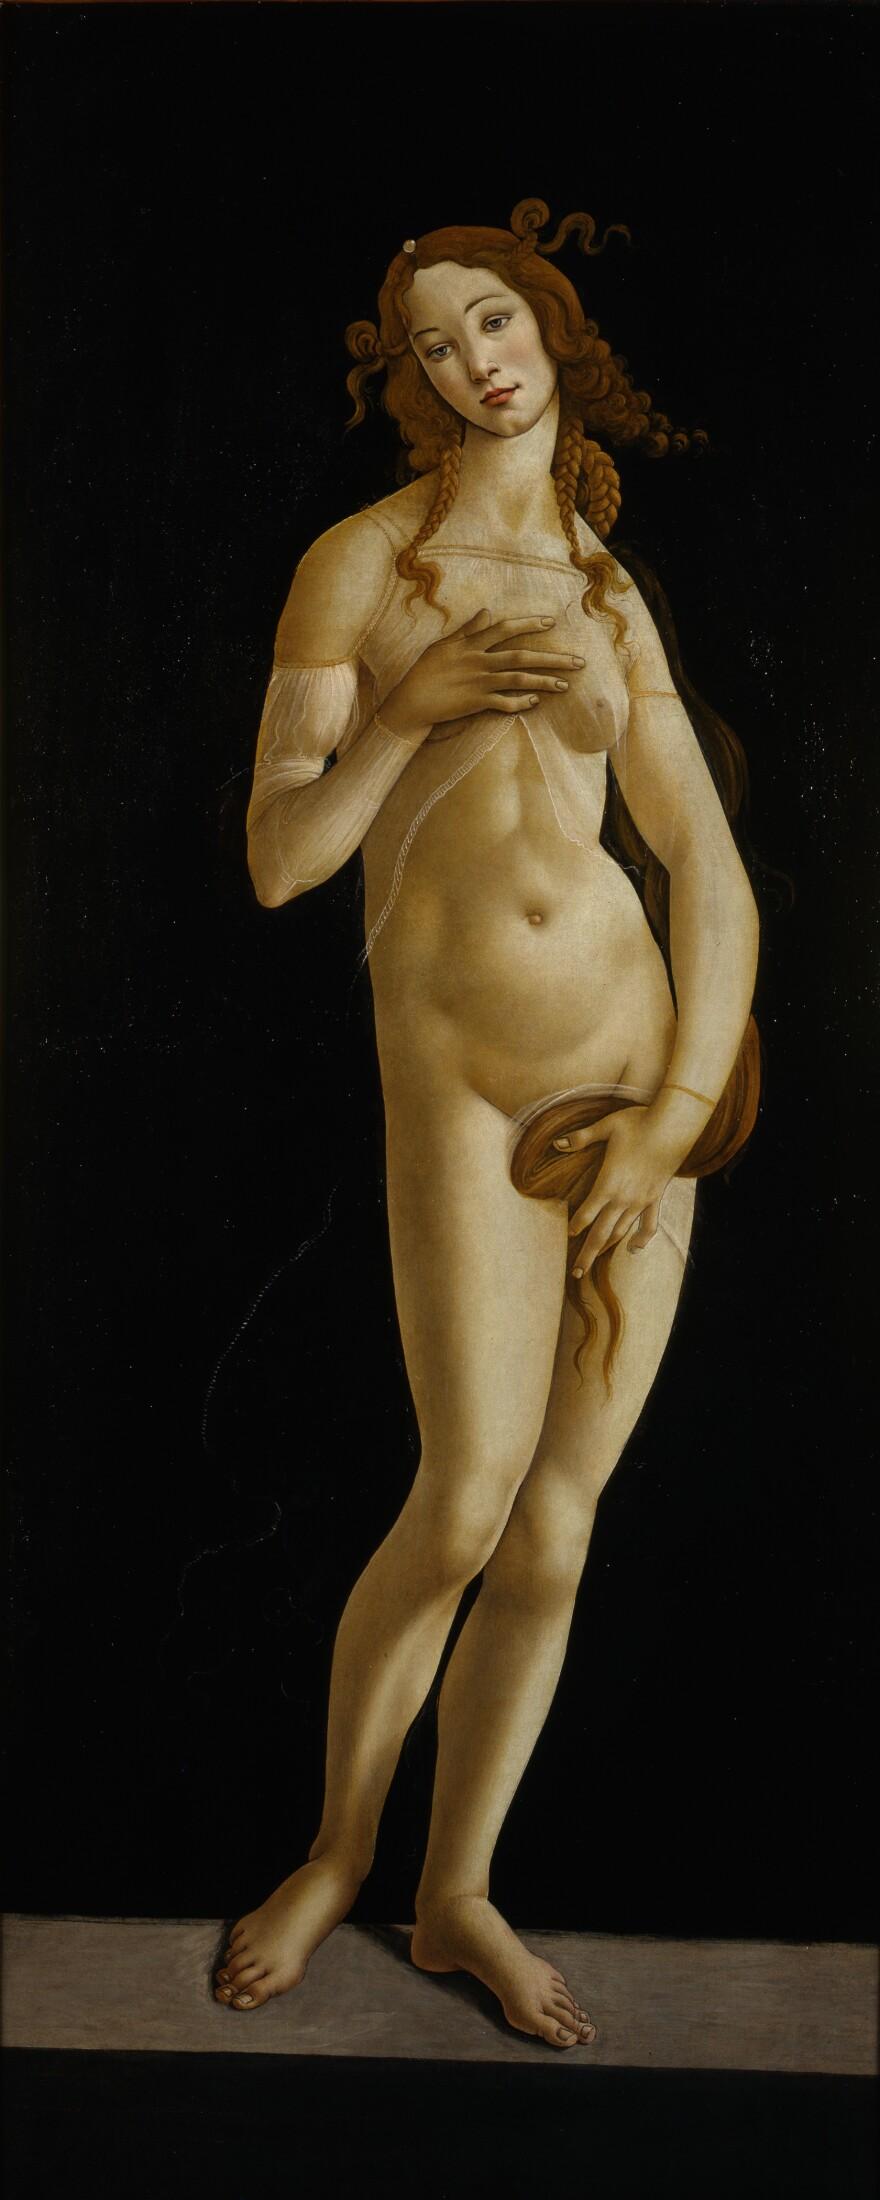 Sandro Botticelli's <em>Venus </em>was painted after his best known work depicting the goddess, <em>The</em> <em>Birth of Venus. </em>